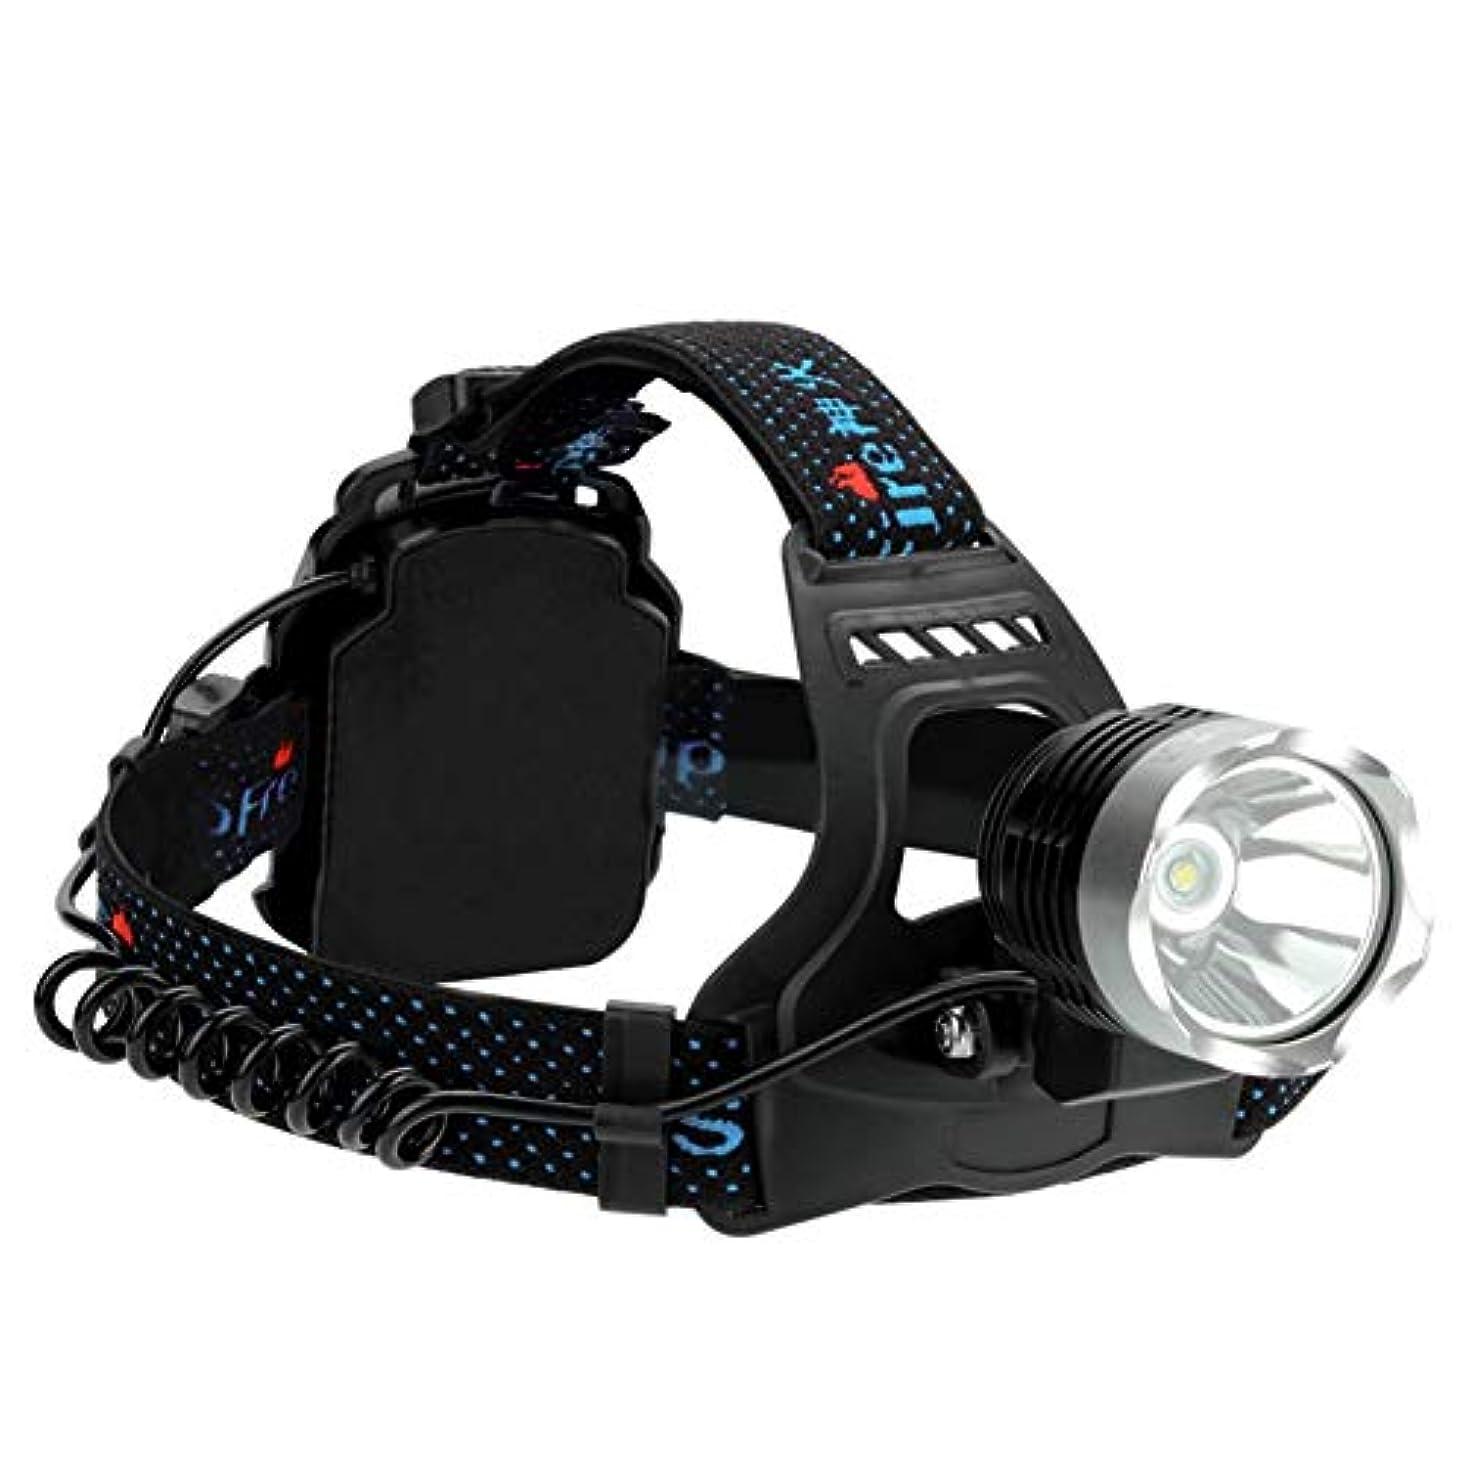 発信論文津波ヘッドライト,極度の明るく再充電可能な屋外の夜釣防水ヘッドライト